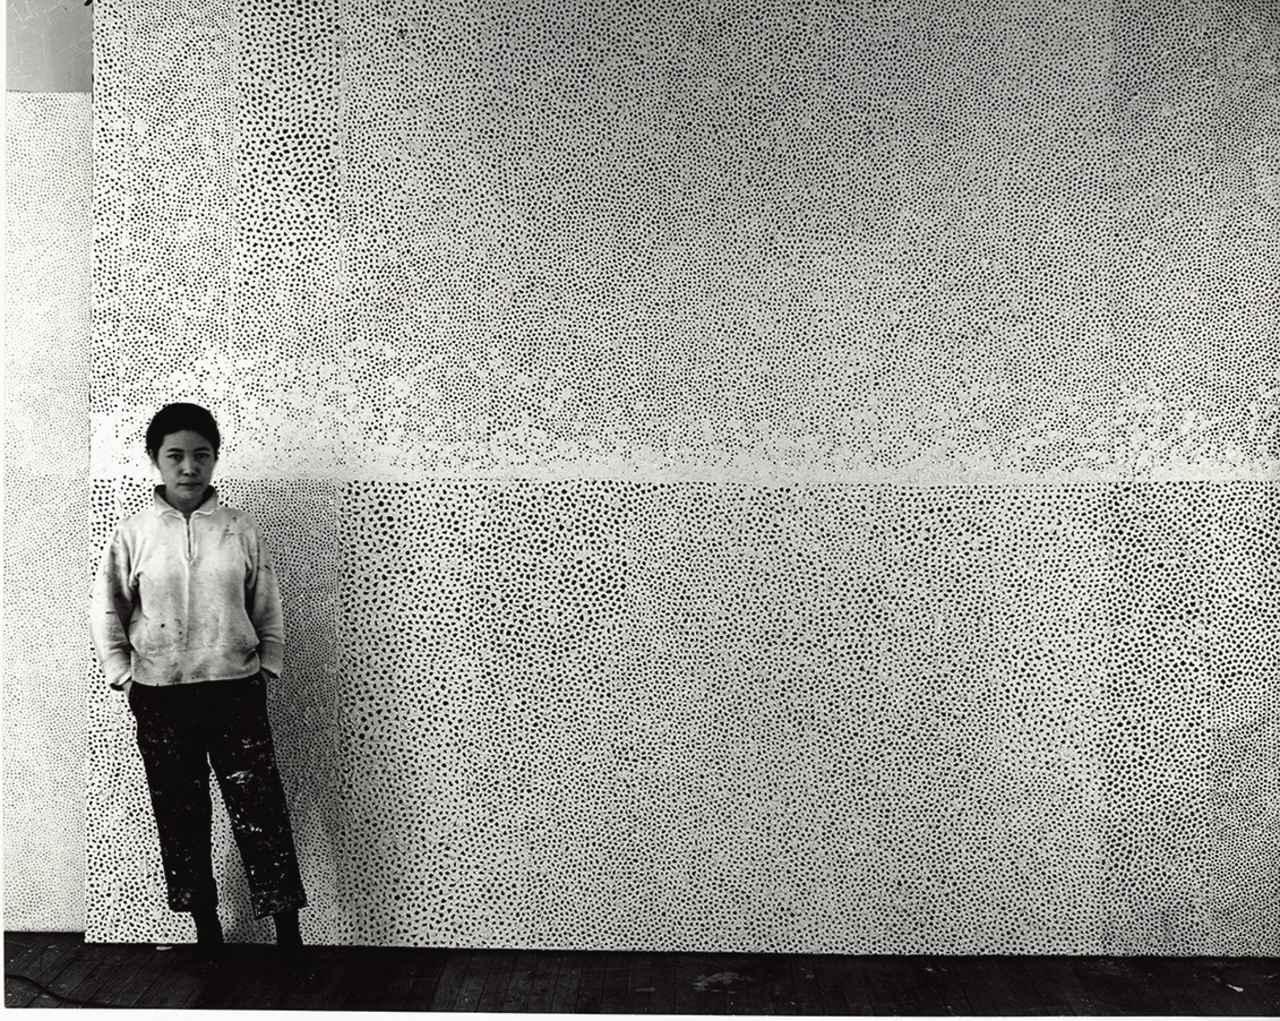 画像 : 1961年《無限の網》の前で